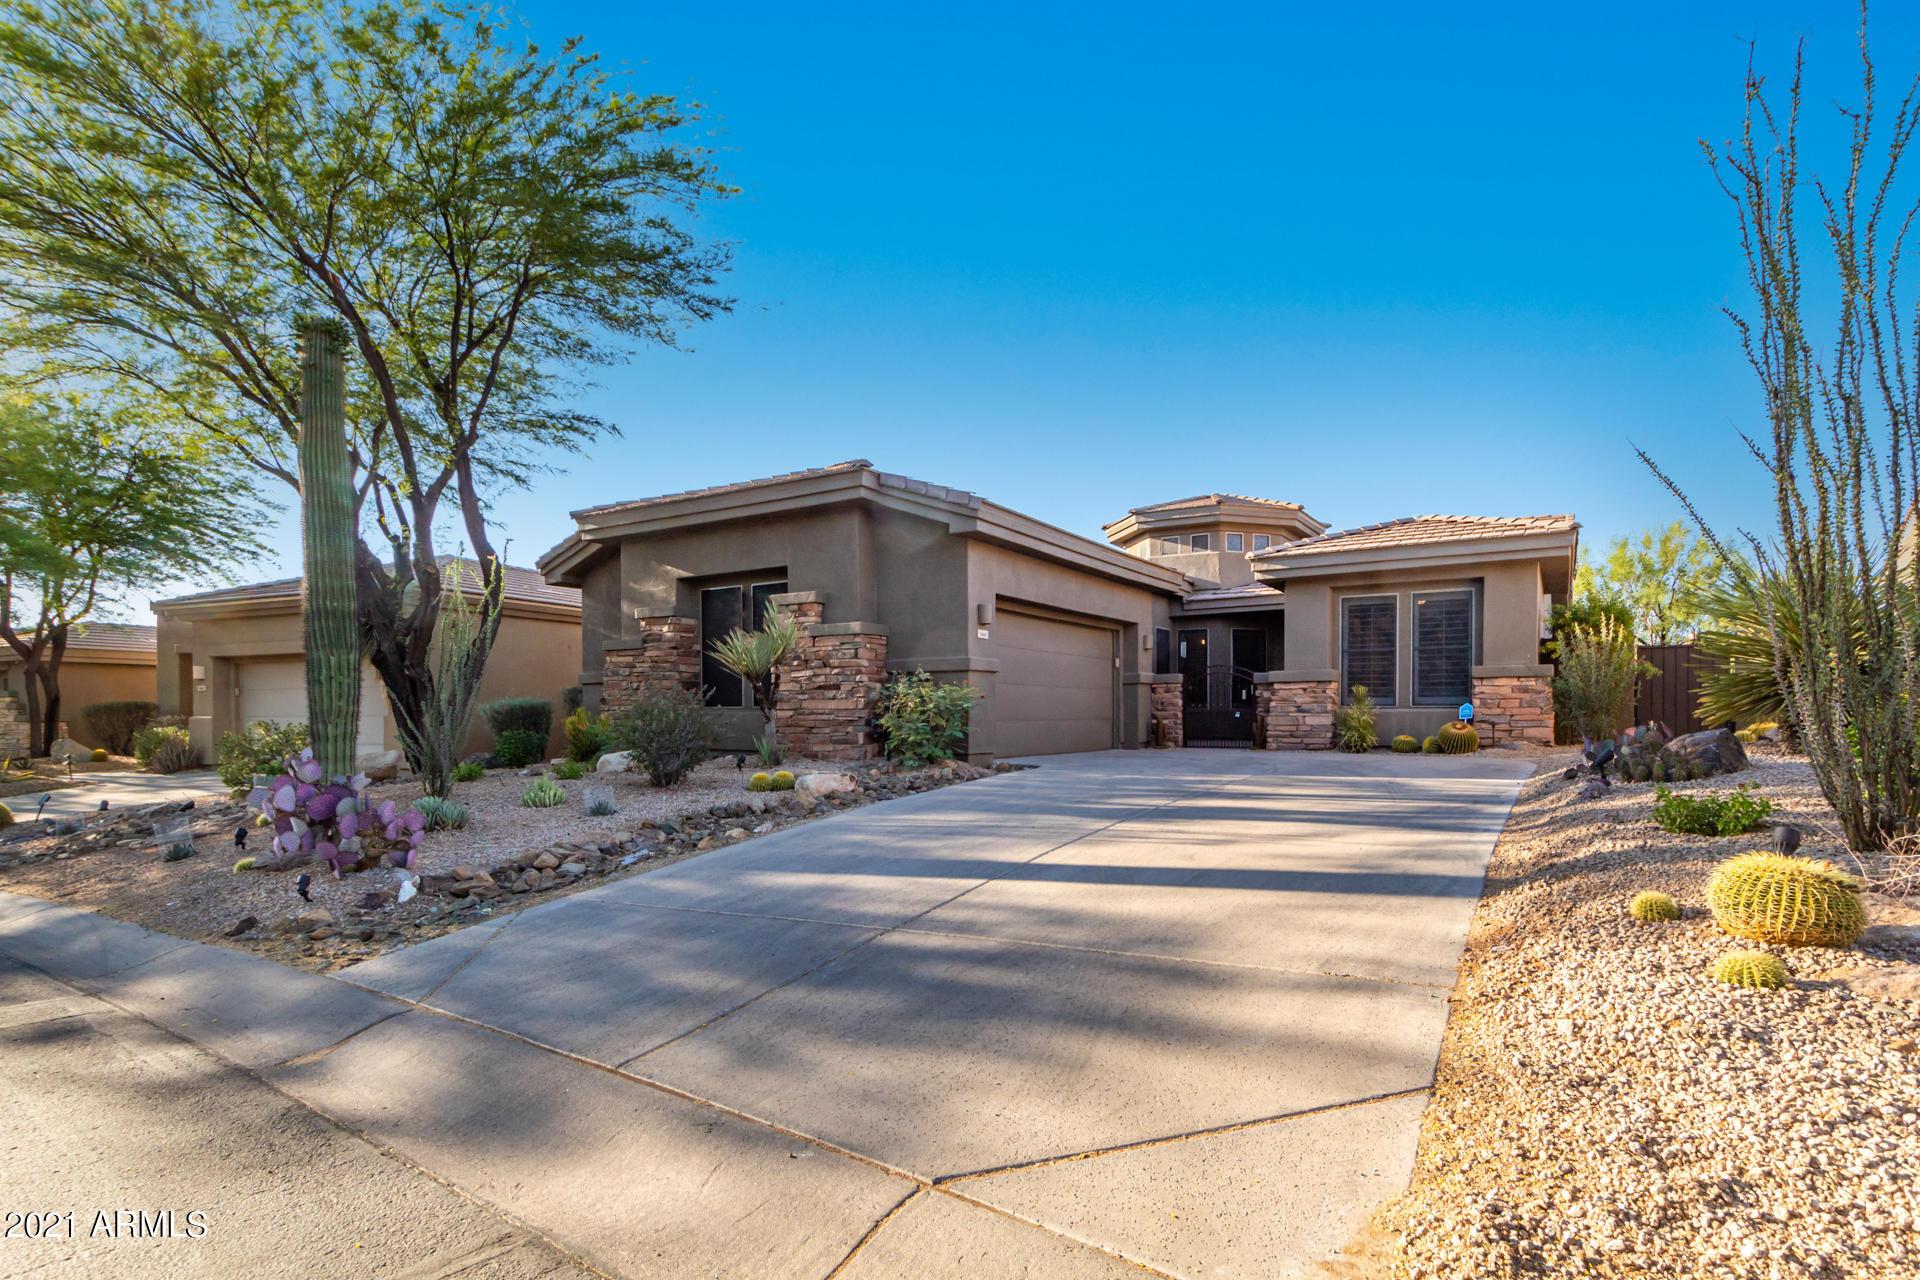 7468 E SOARING EAGLE Way, Scottsdale, AZ 85266, 2 Bedrooms Bedrooms, ,Residential Lease,For Rent,7468 E SOARING EAGLE Way,6249360